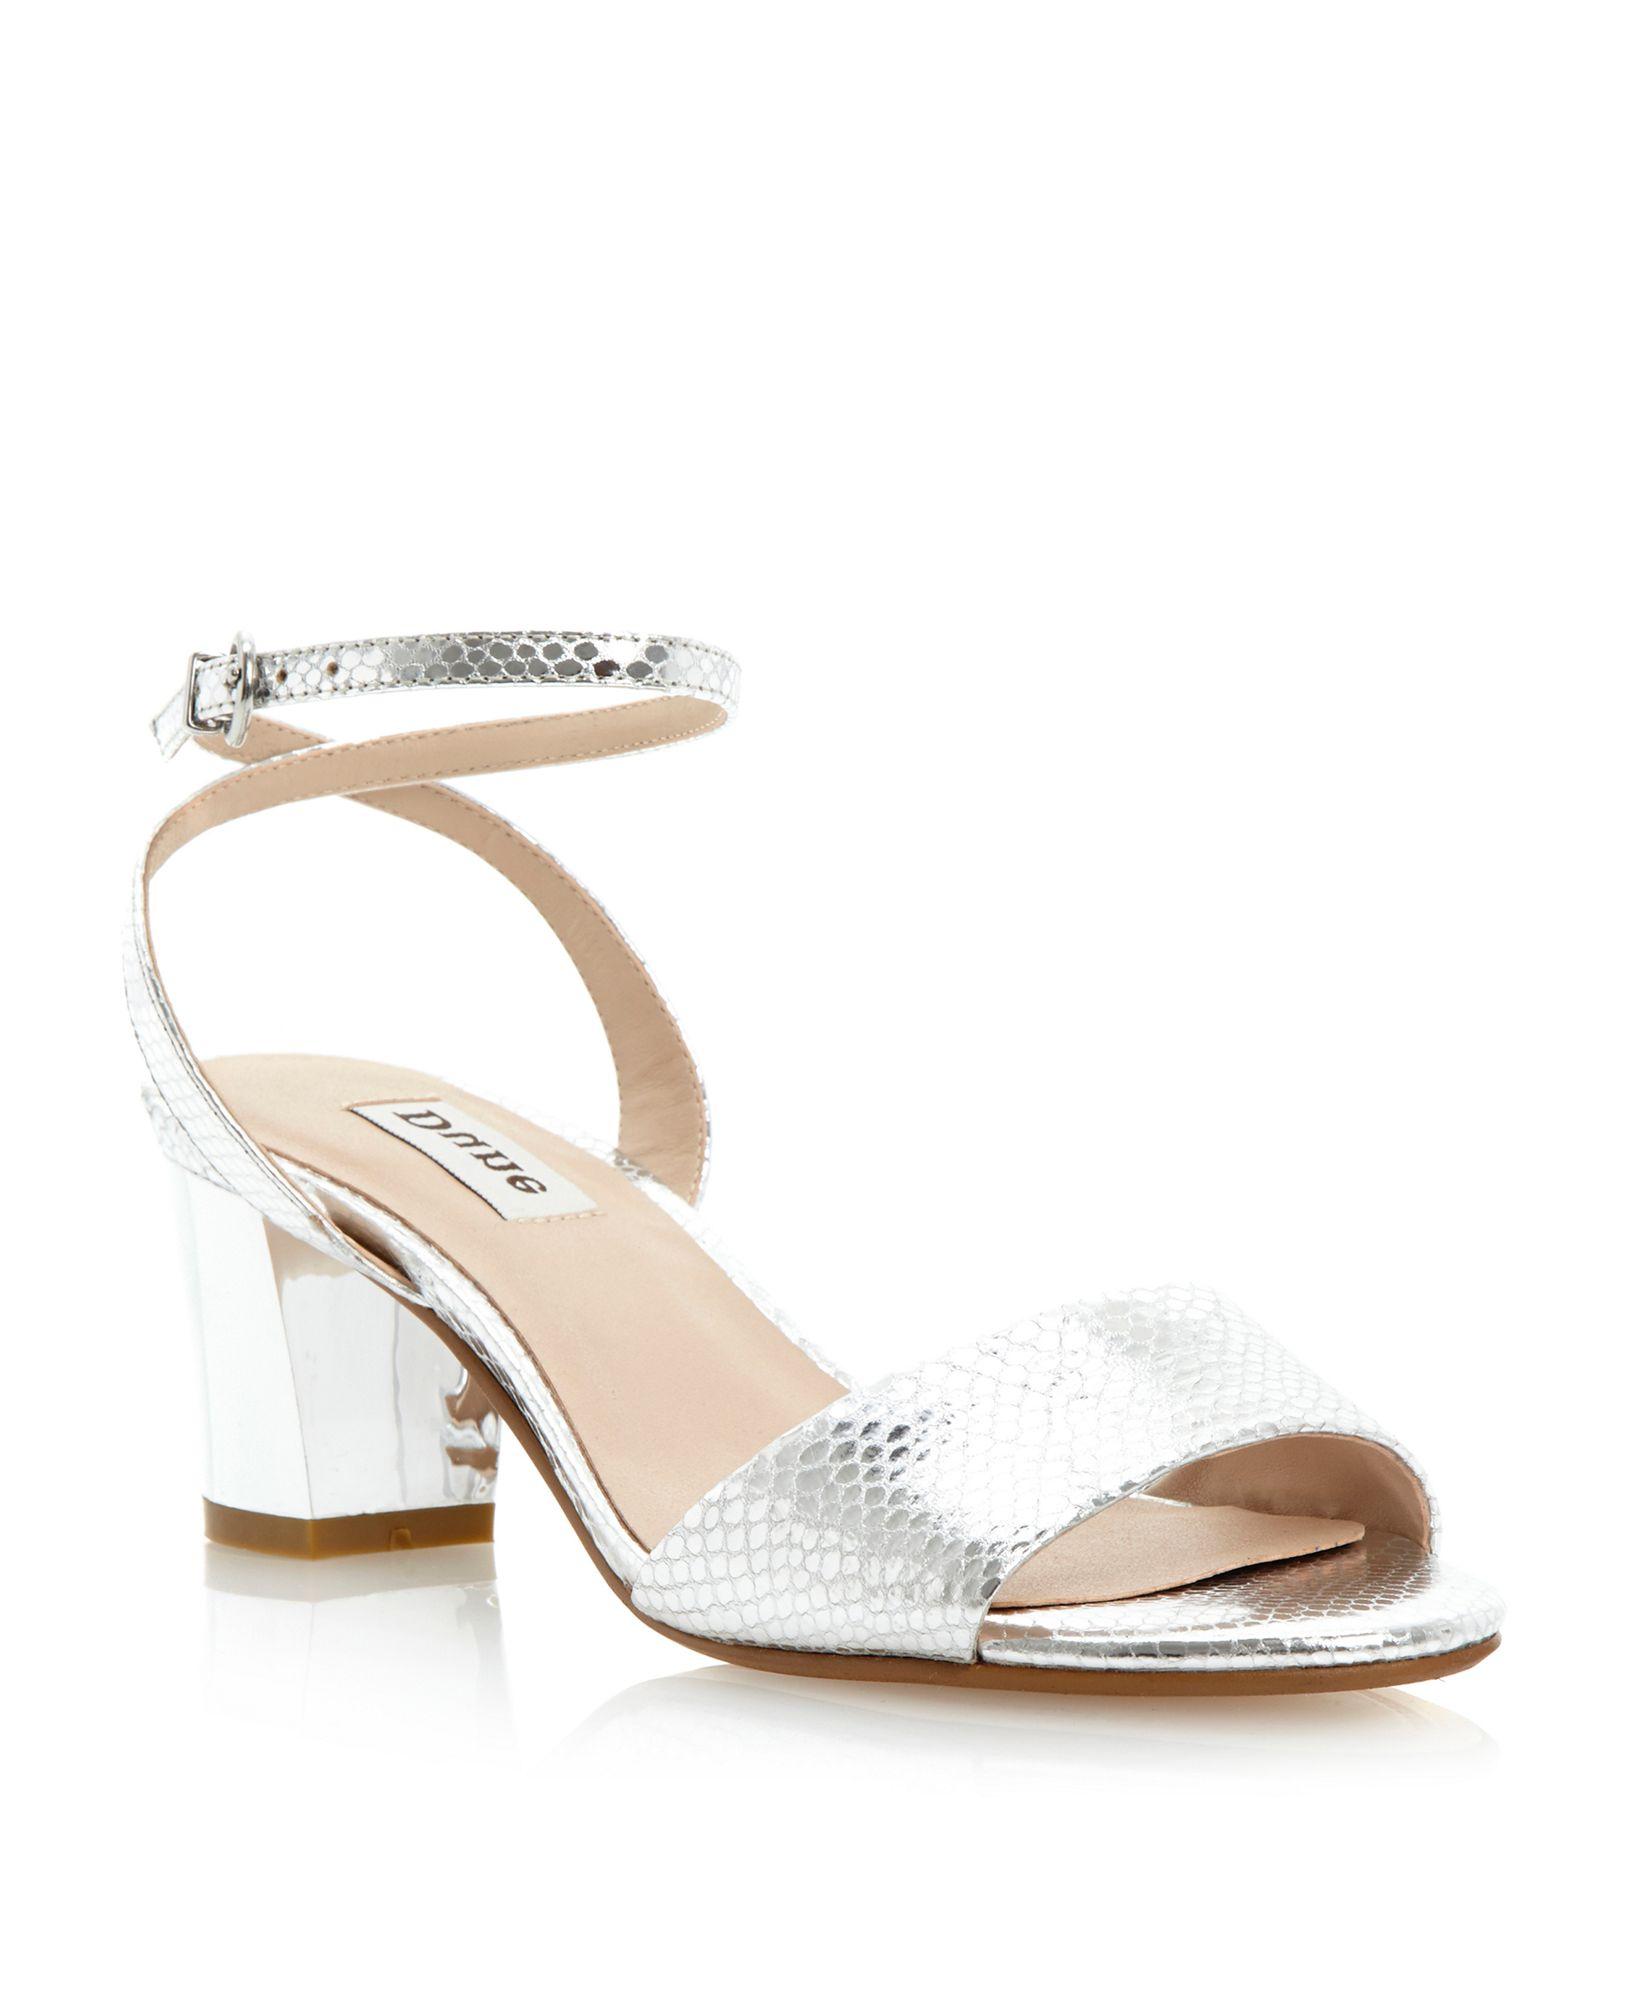 d15b1524376 Lyst - Dune Haria Block Heel Sandals in Metallic